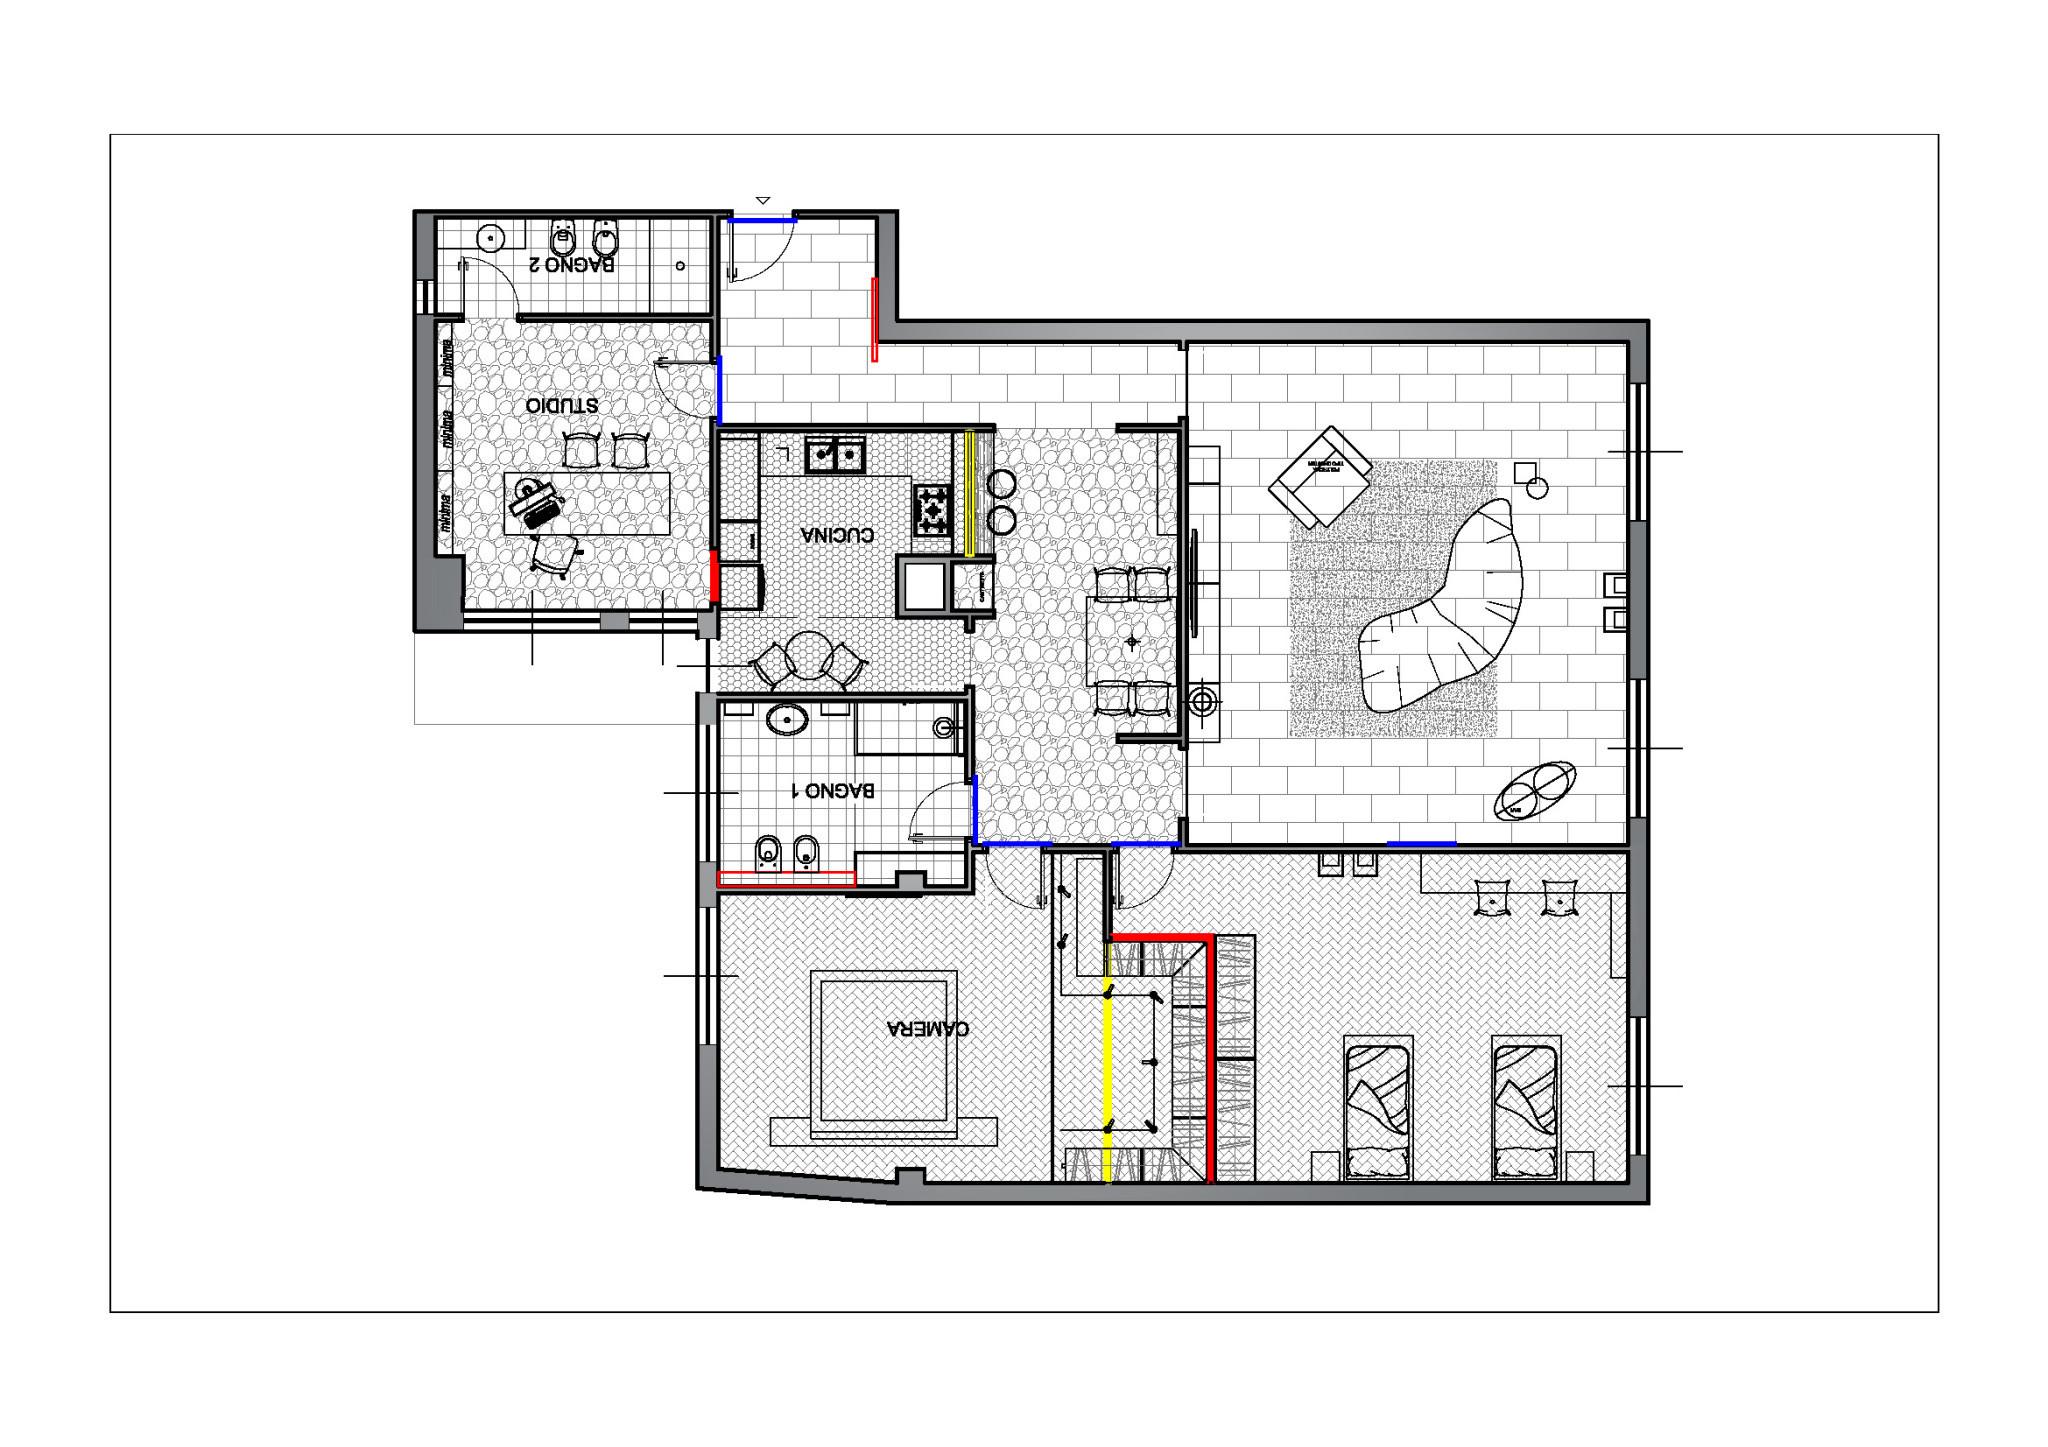 Come ristrutturare casa 2 progetti da copiare artheco - Ristrutturare casa costi al mq ...